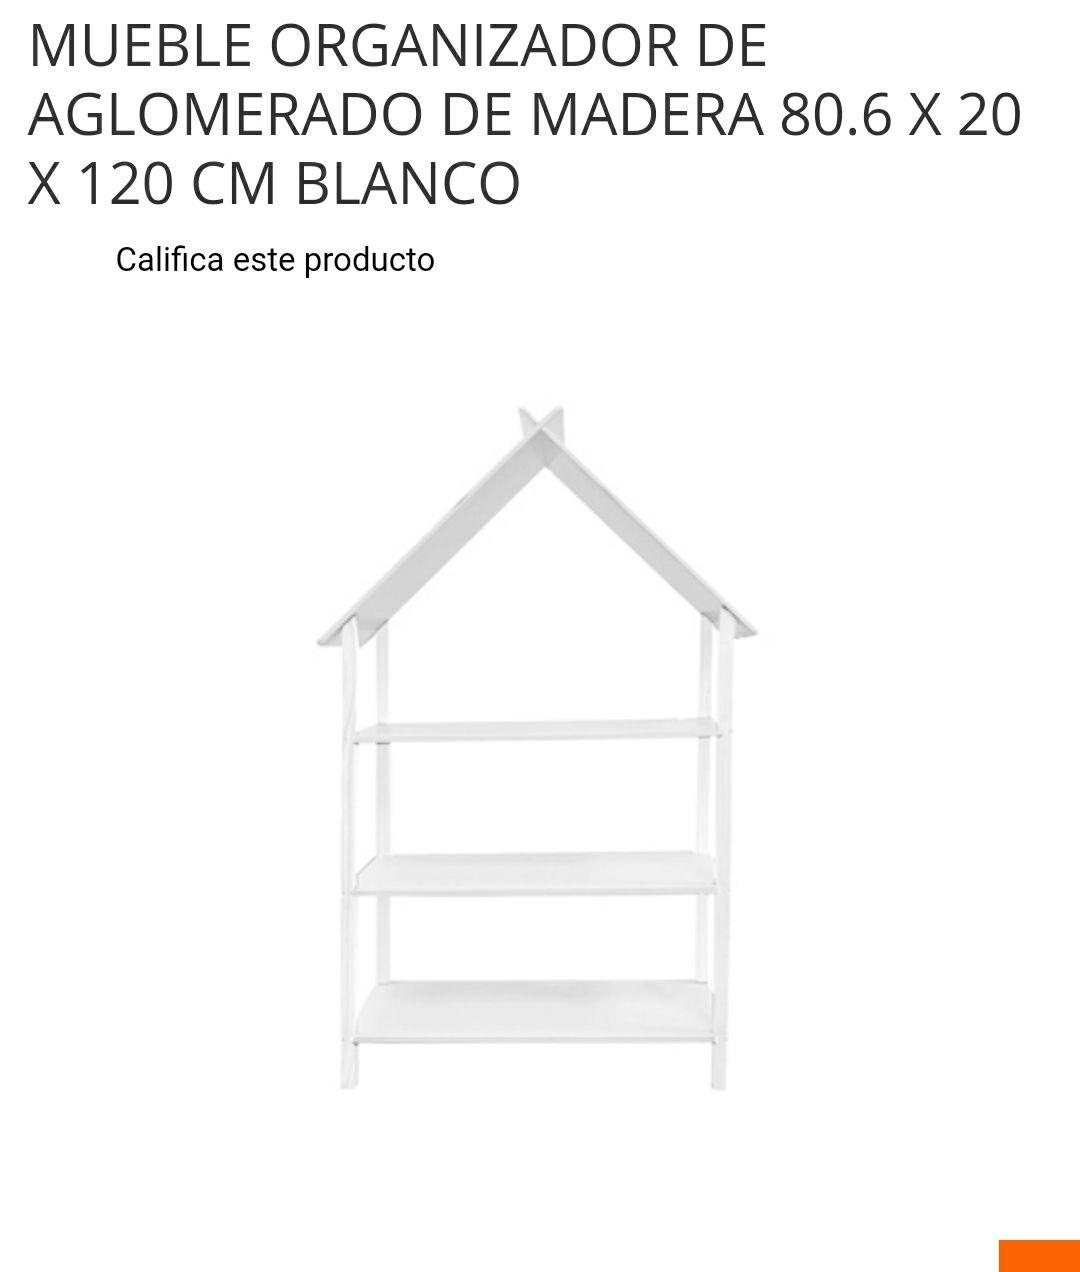 Home Depot: Bonito mueble de organización para la bendi